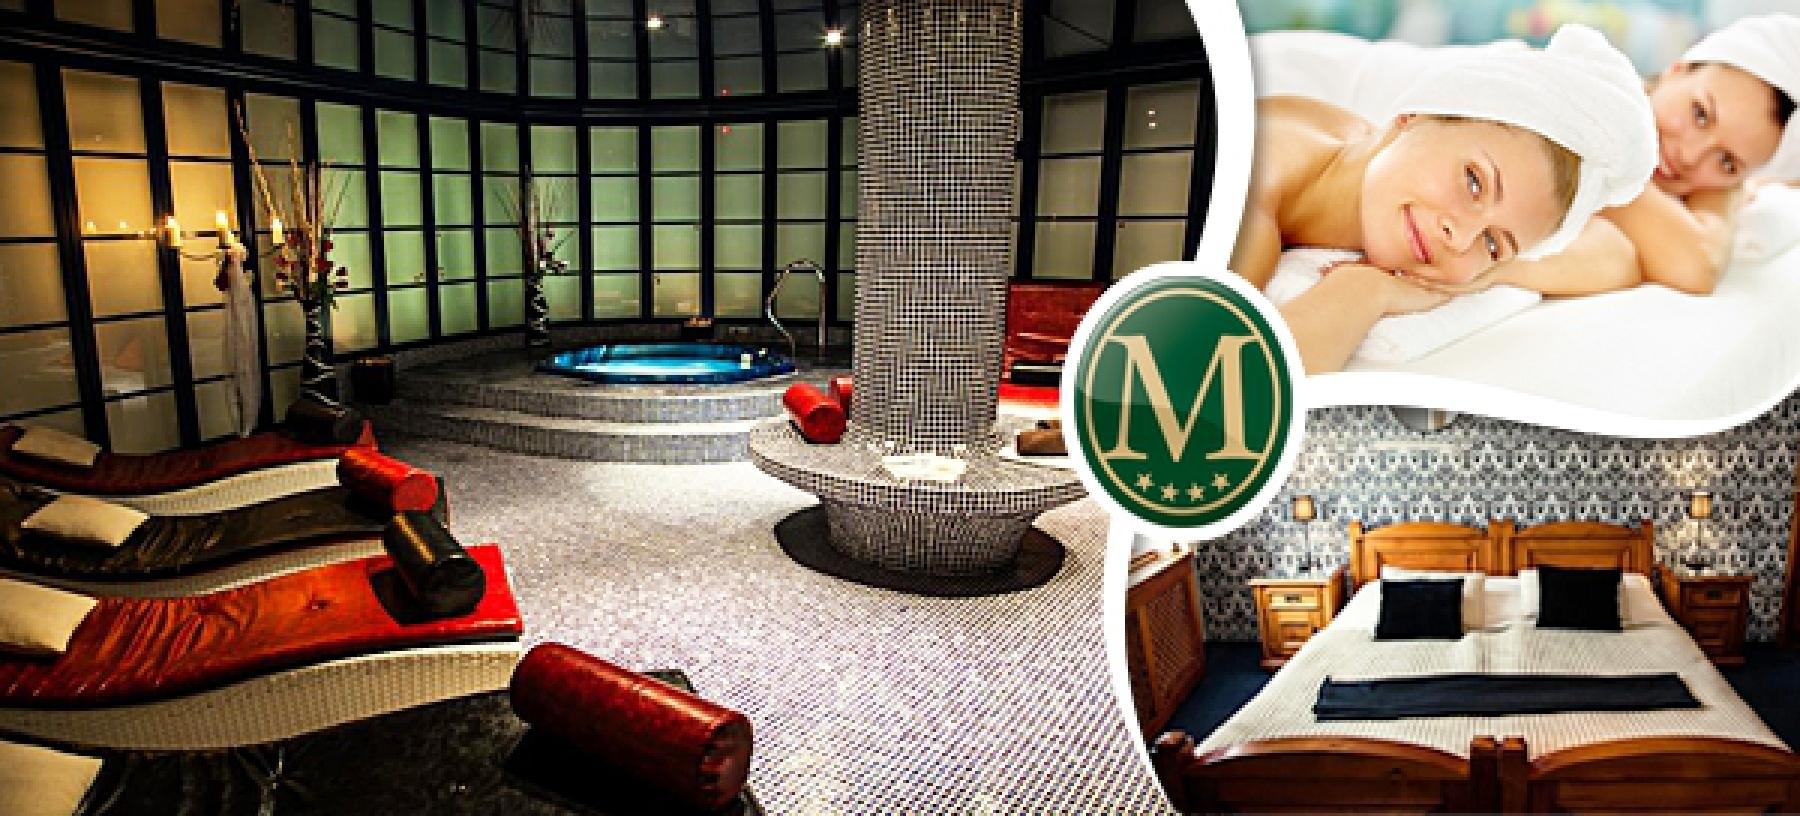 Dámská jízda snů v hotelu Morris**** Česká Lípa